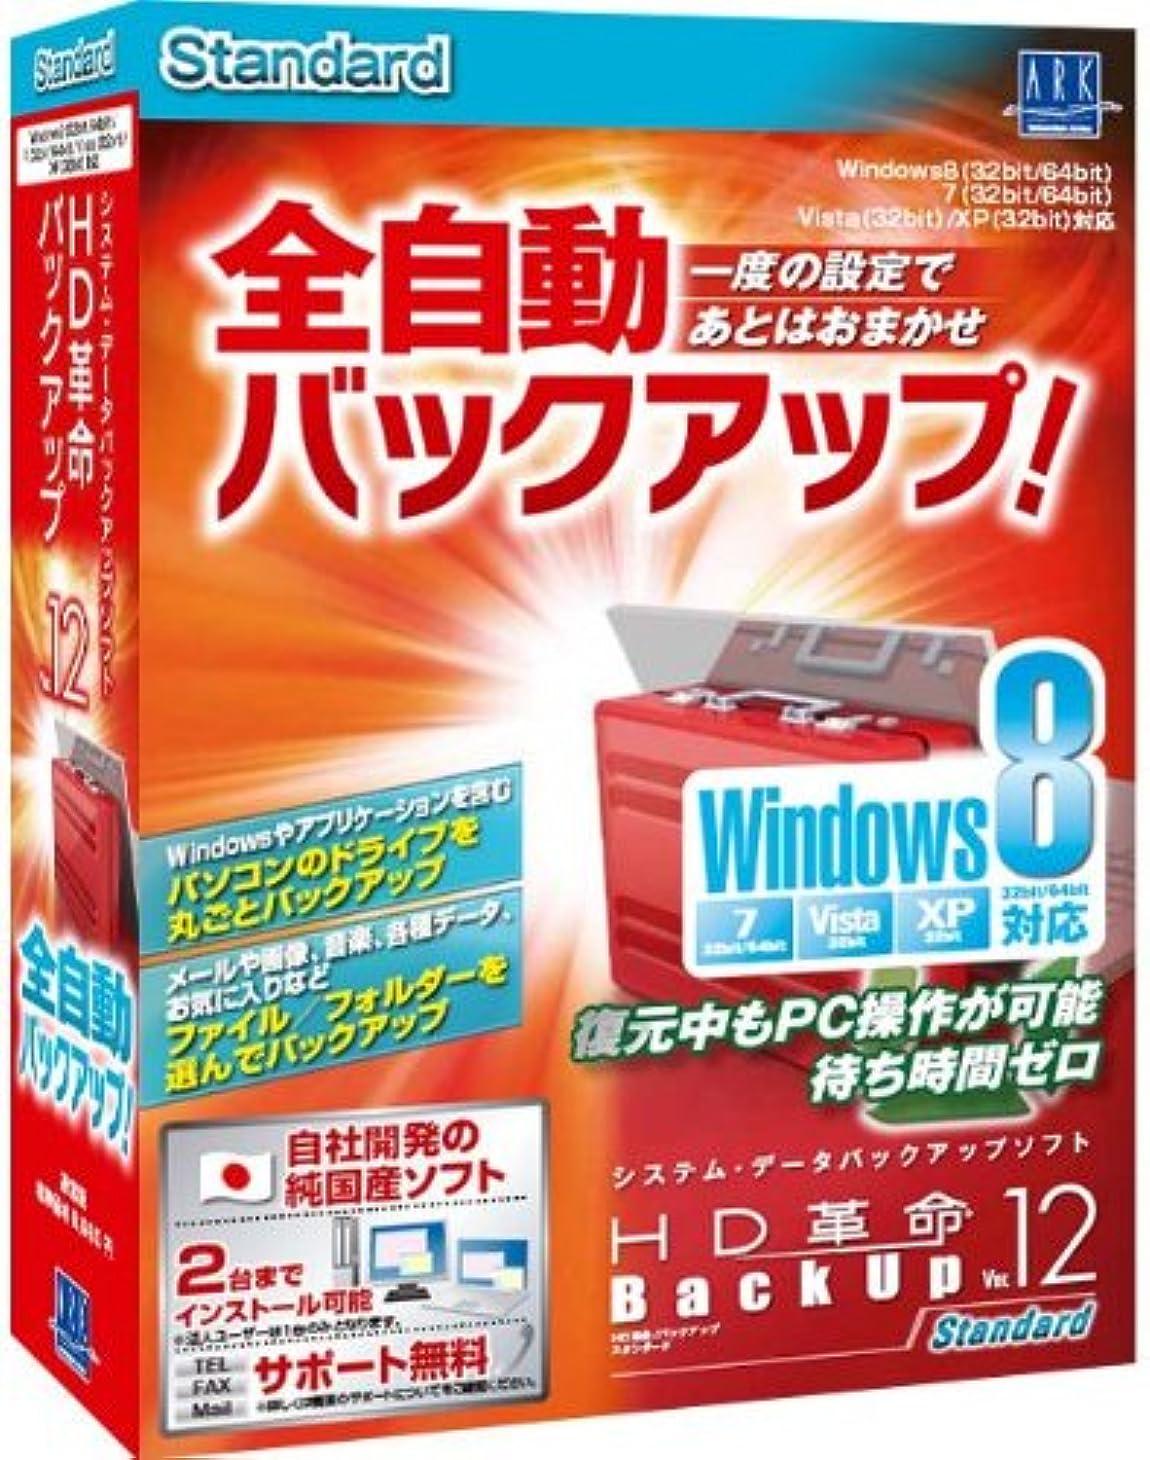 比類なき一致盗賊HD革命/BackUp Ver.12 Standard Windows8対応 通常版